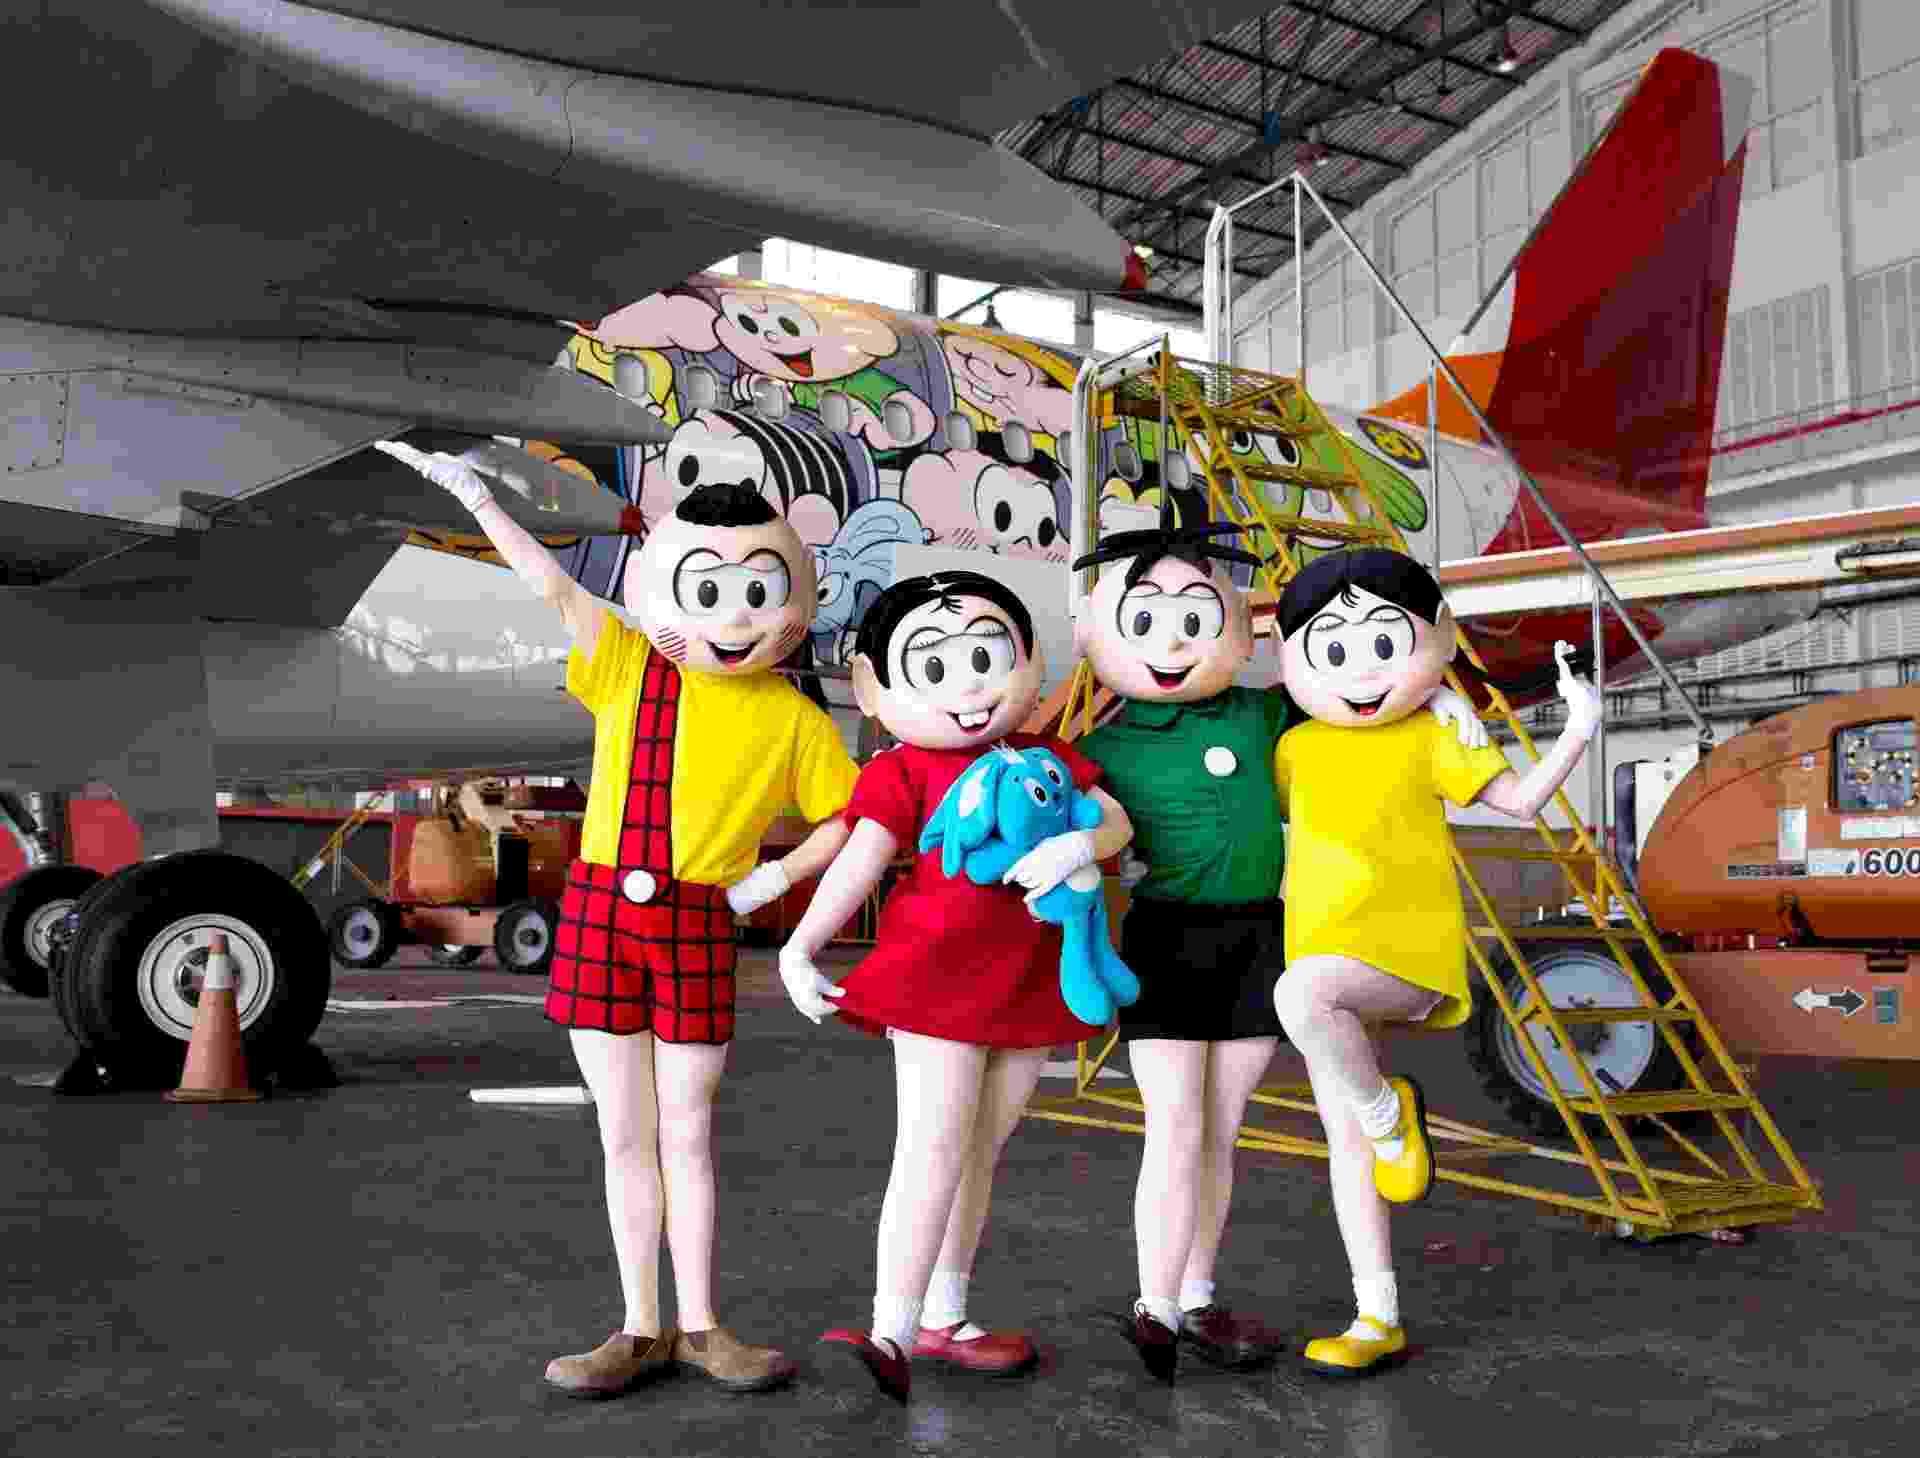 6.out.2015 - Companhia aérea lança avião comemorativo com personagens da Turma da Mônica - Divulgação